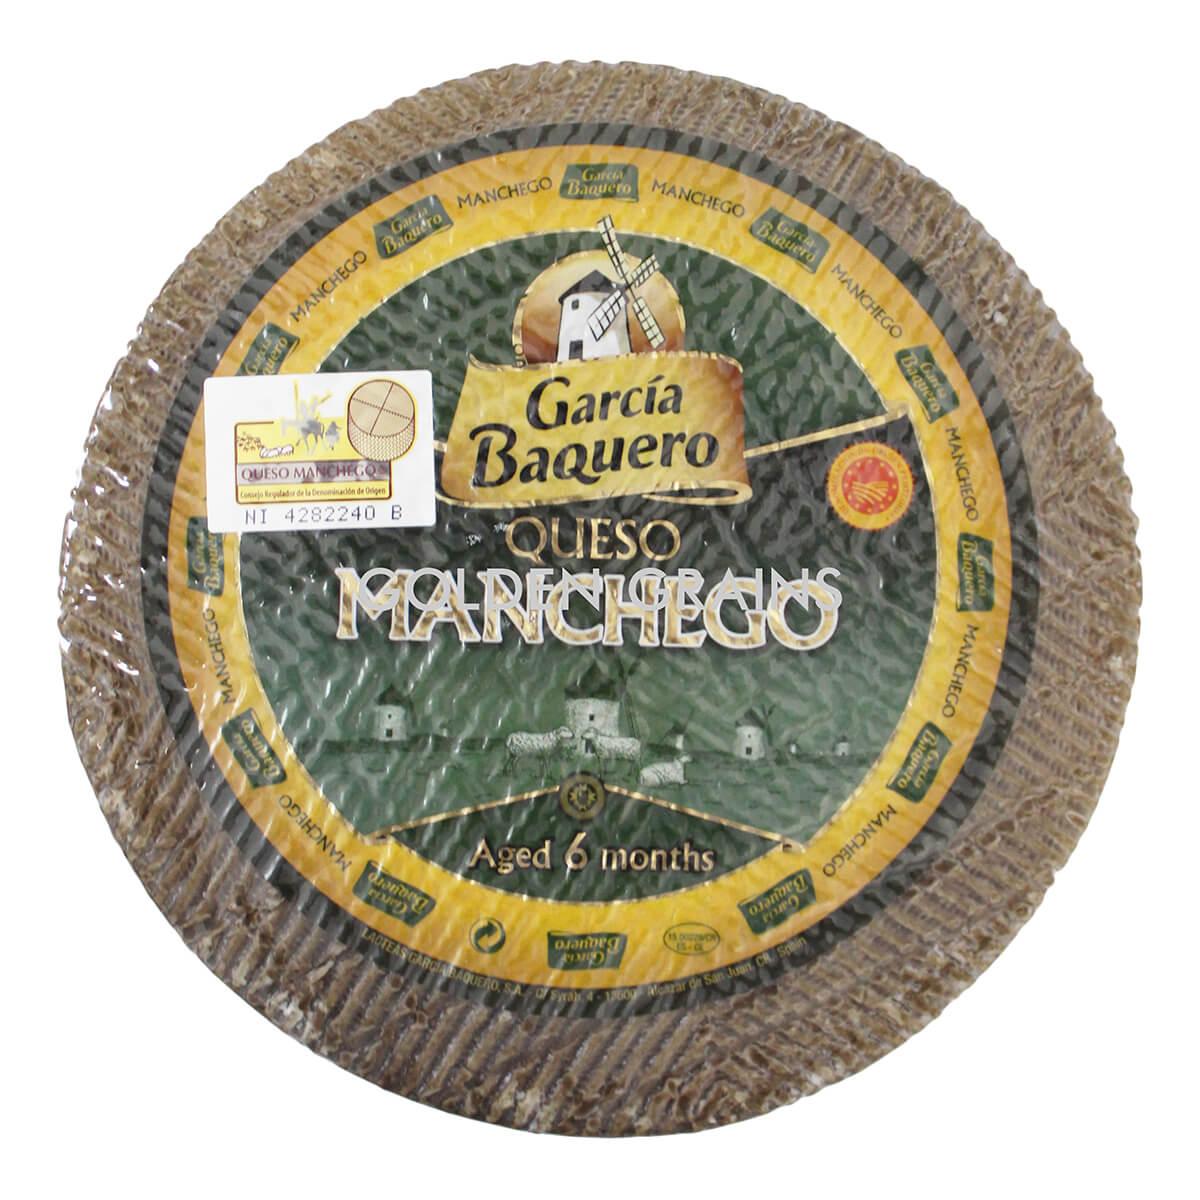 Garcia Baquero Manchego